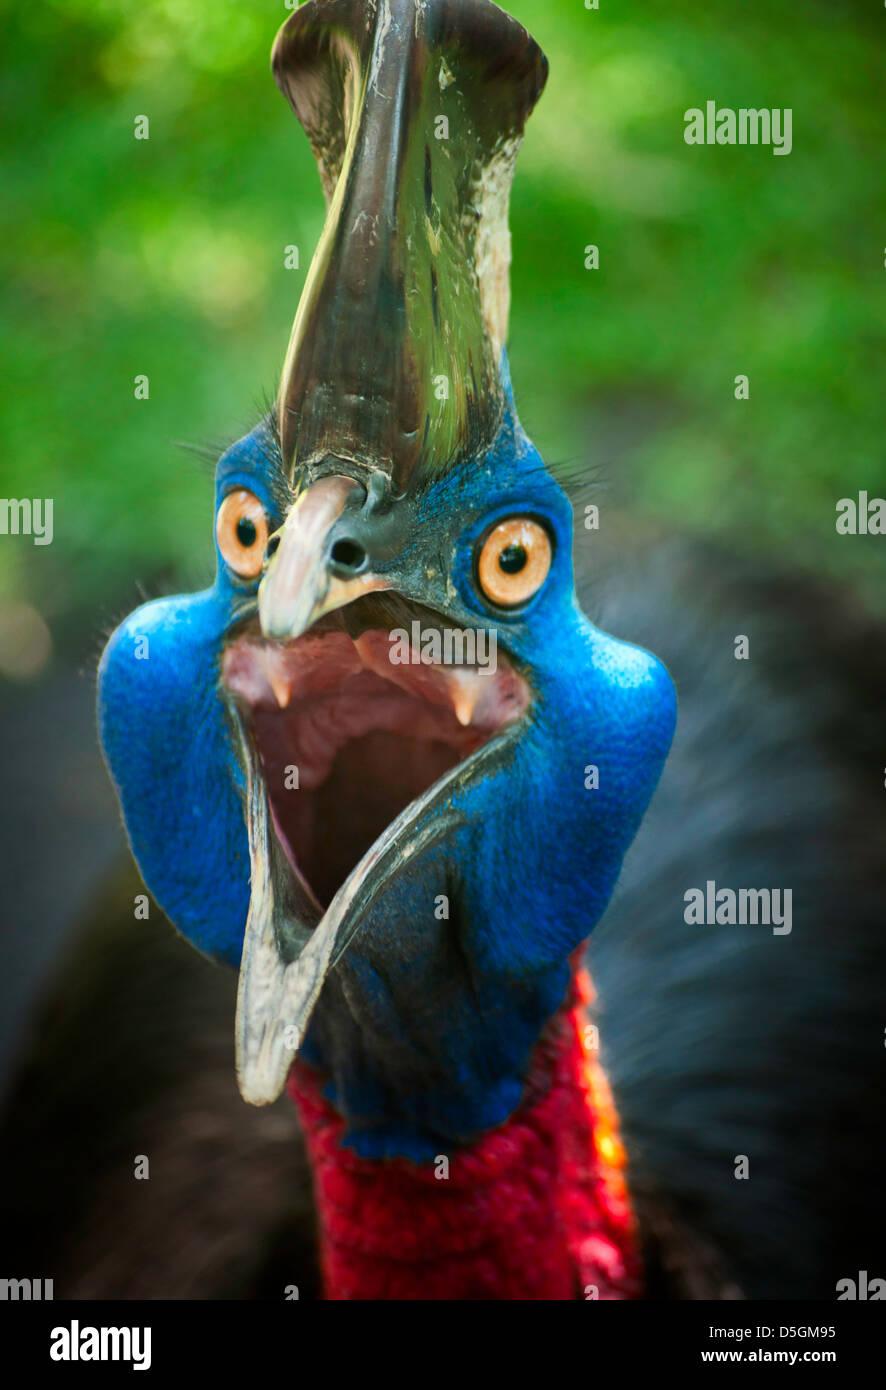 Bilder von australischen Kasuar schauen in die Kamera wütendes Gesicht. Stockbild